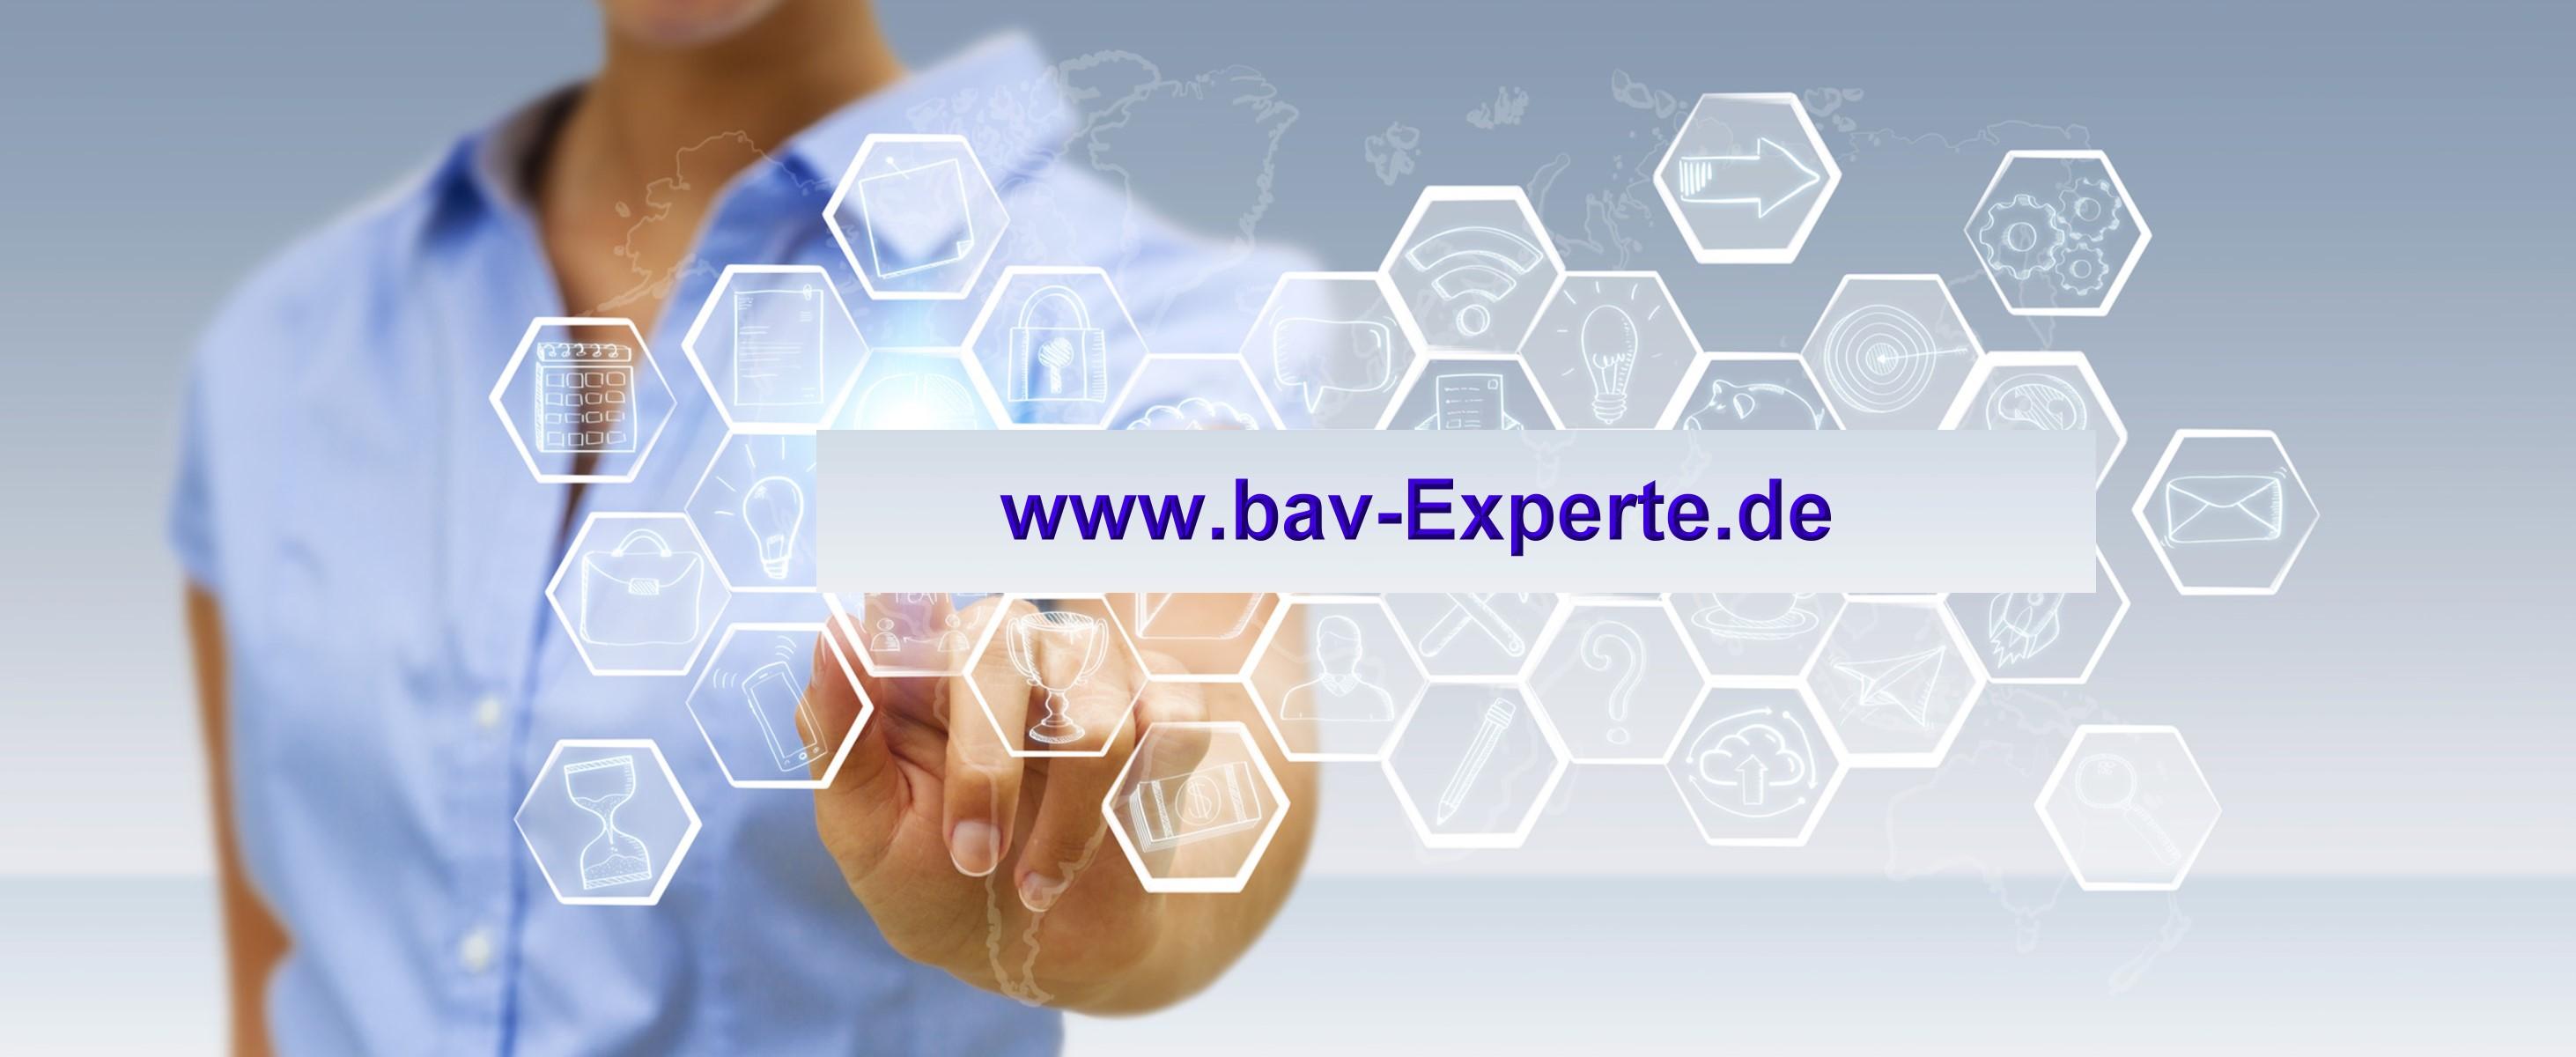 bAV-Experte.de - Experte in der betrieblichen Altersversorgung